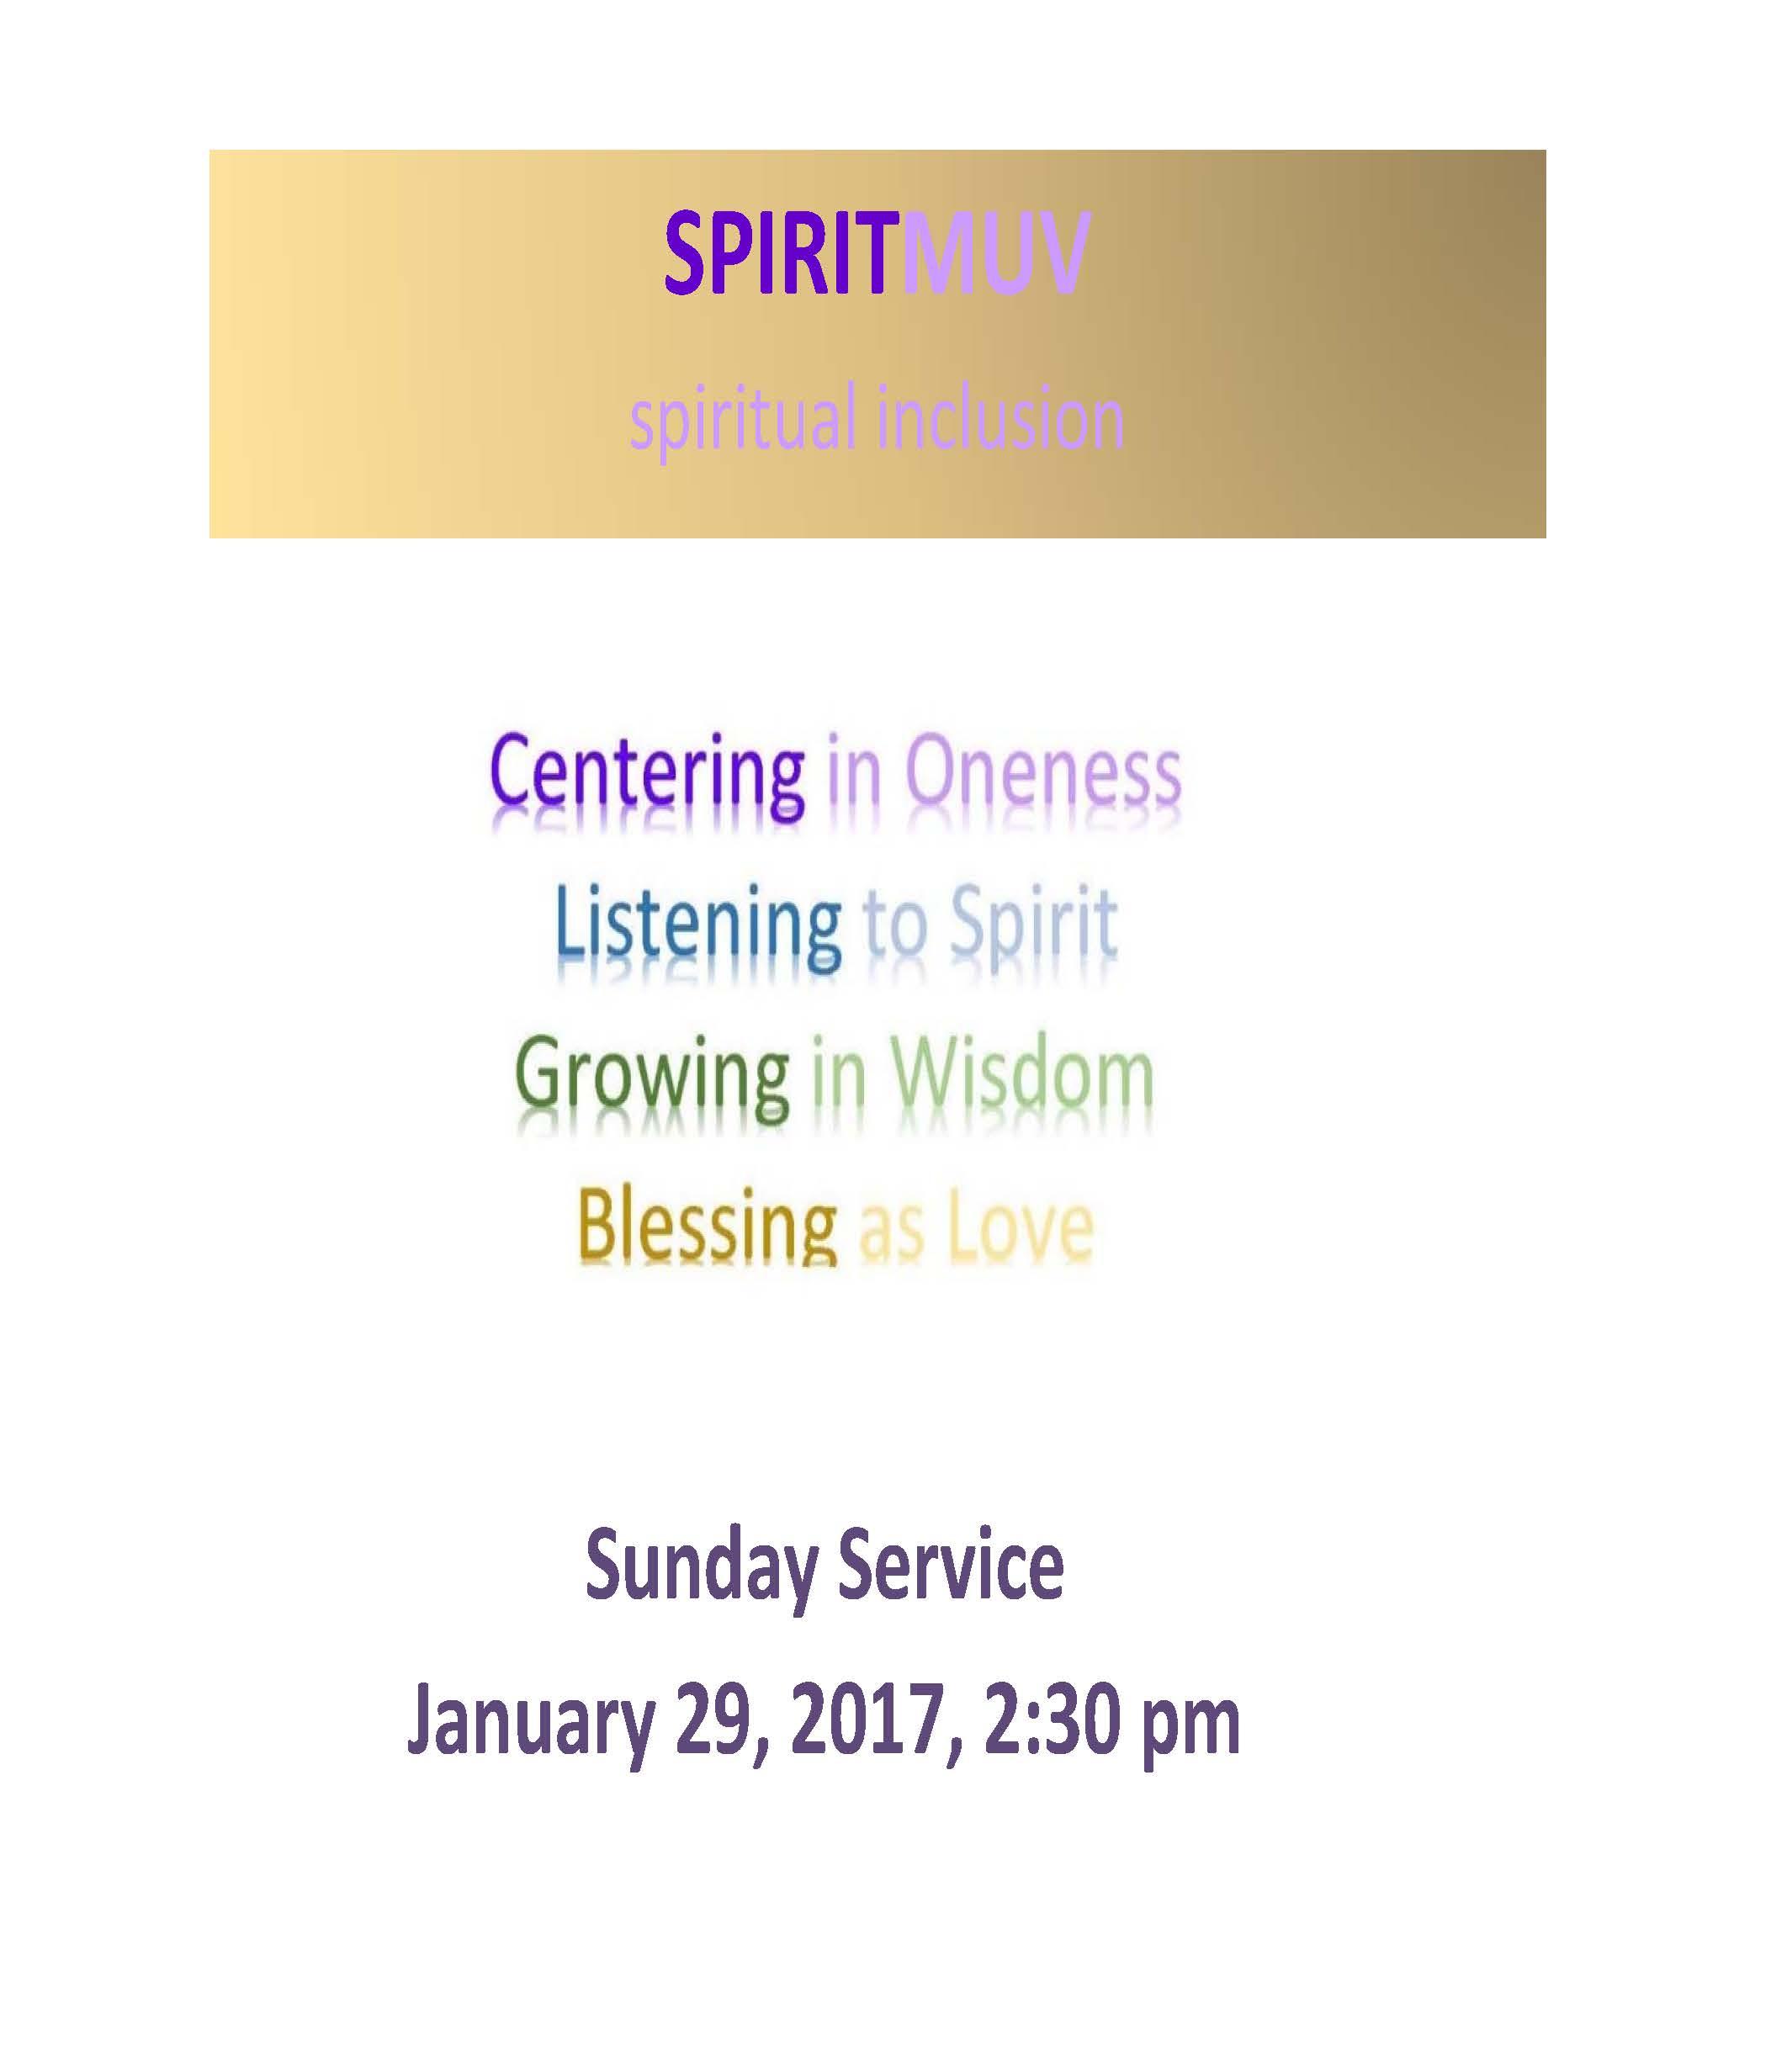 SPIRITMUV – Spiritual Renewal (MIND, BODY and SOUL) Jan 29, 2017